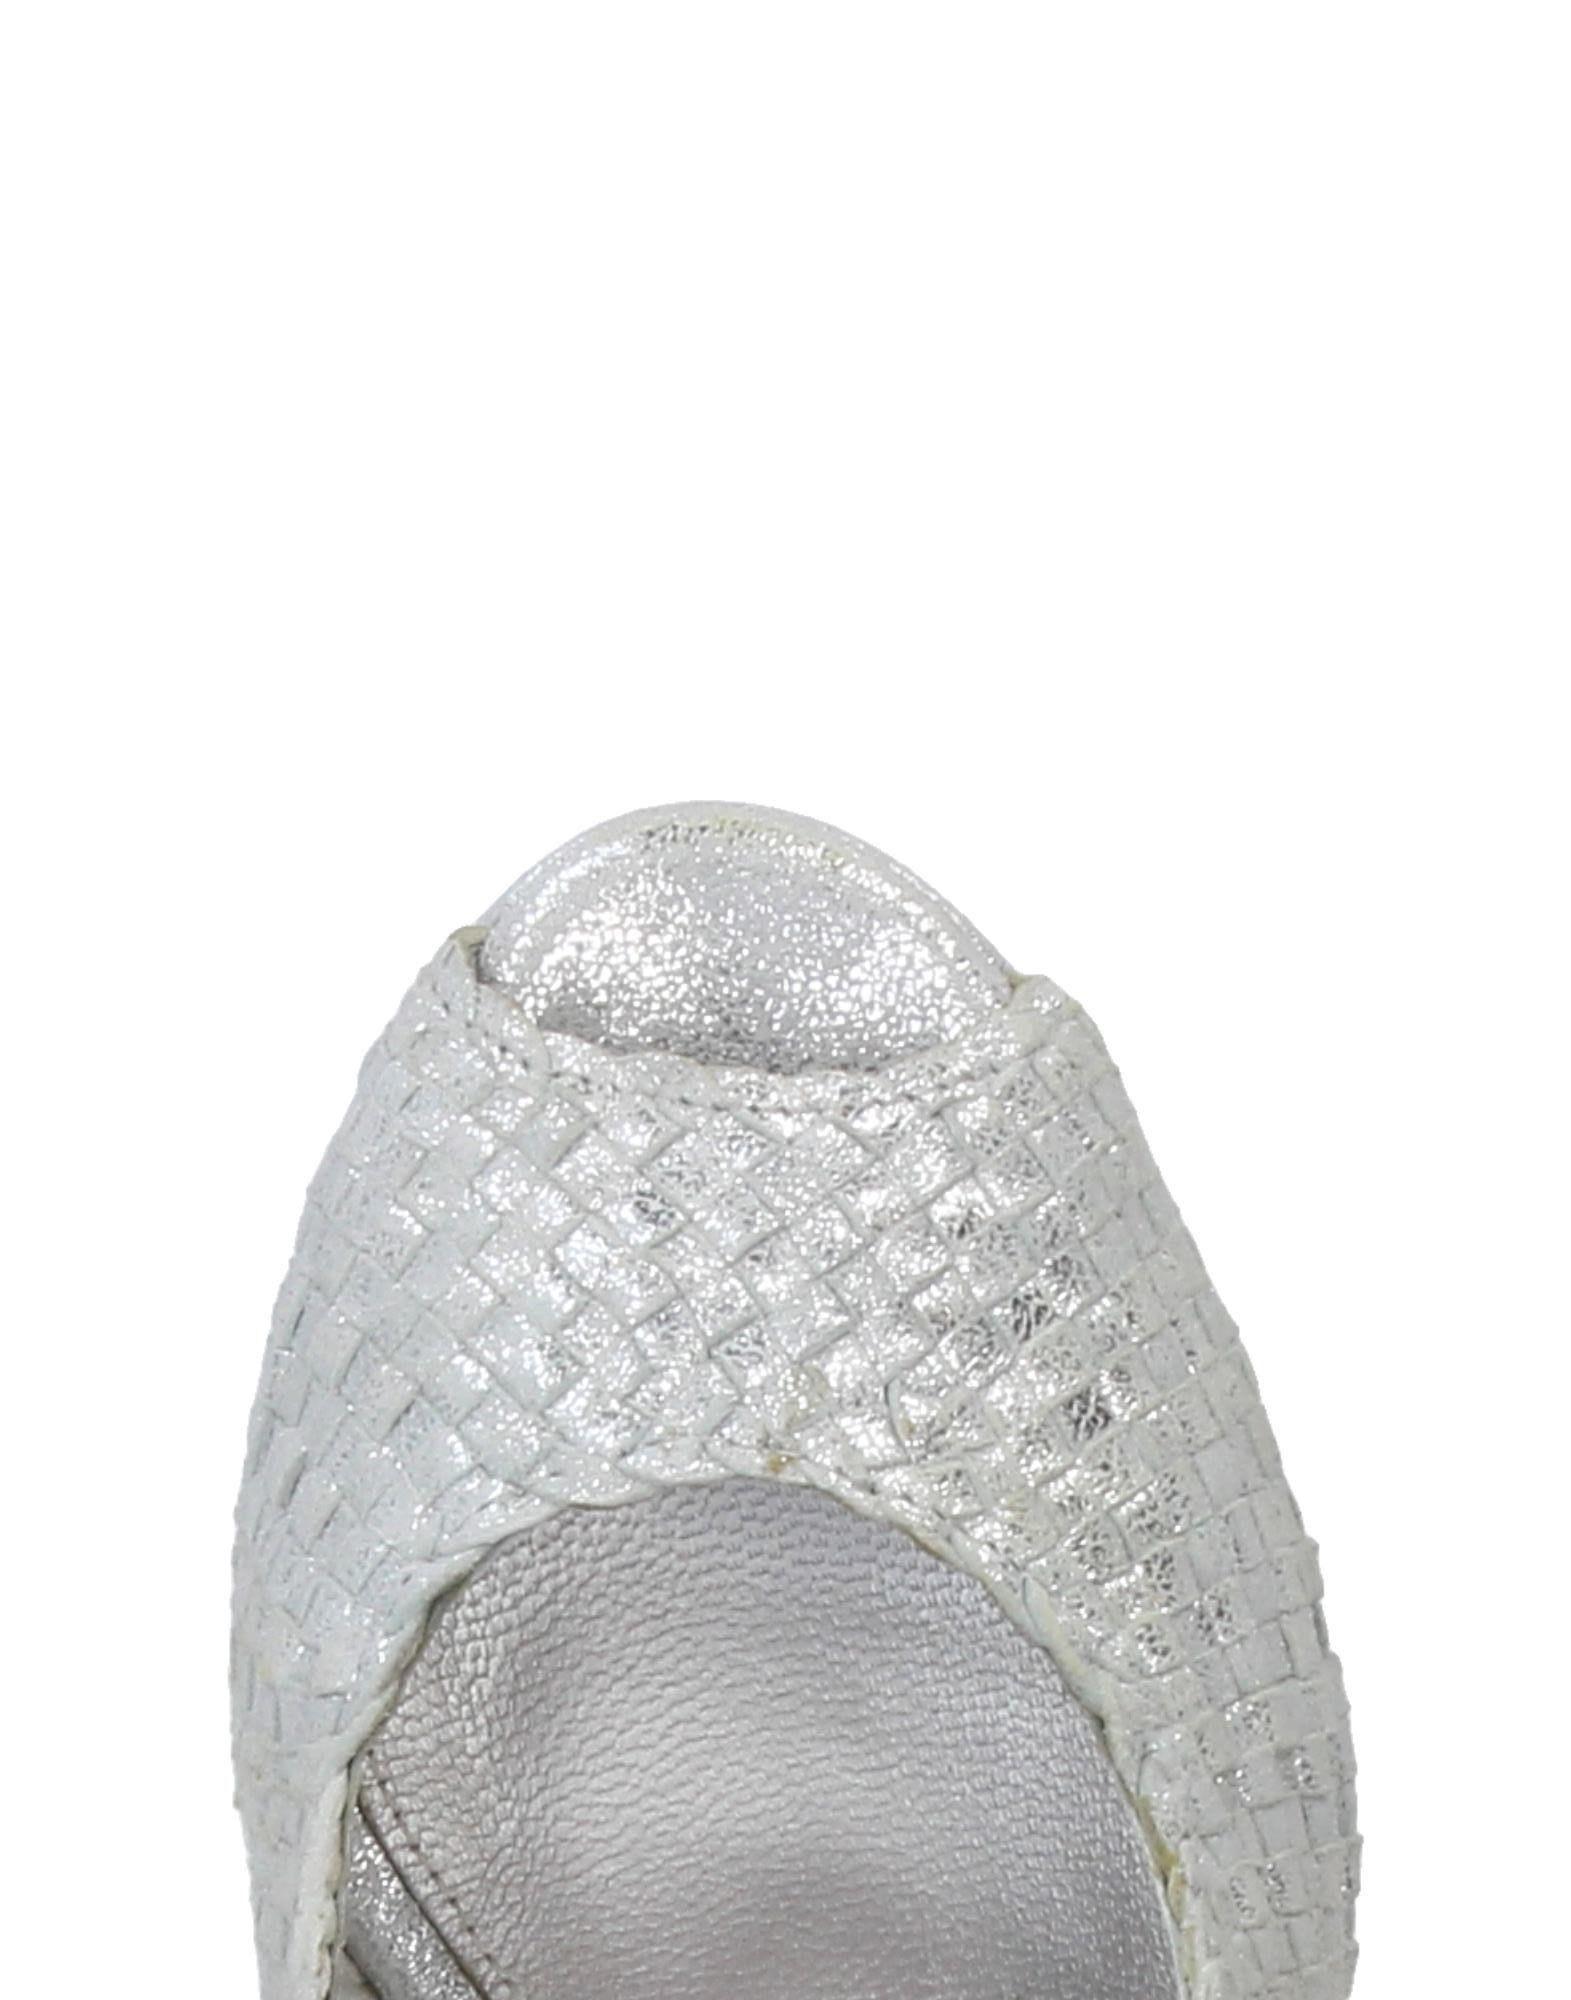 Pons Quintana beliebte Sandalen Damen  11383853VU Gute Qualität beliebte Quintana Schuhe 53720c